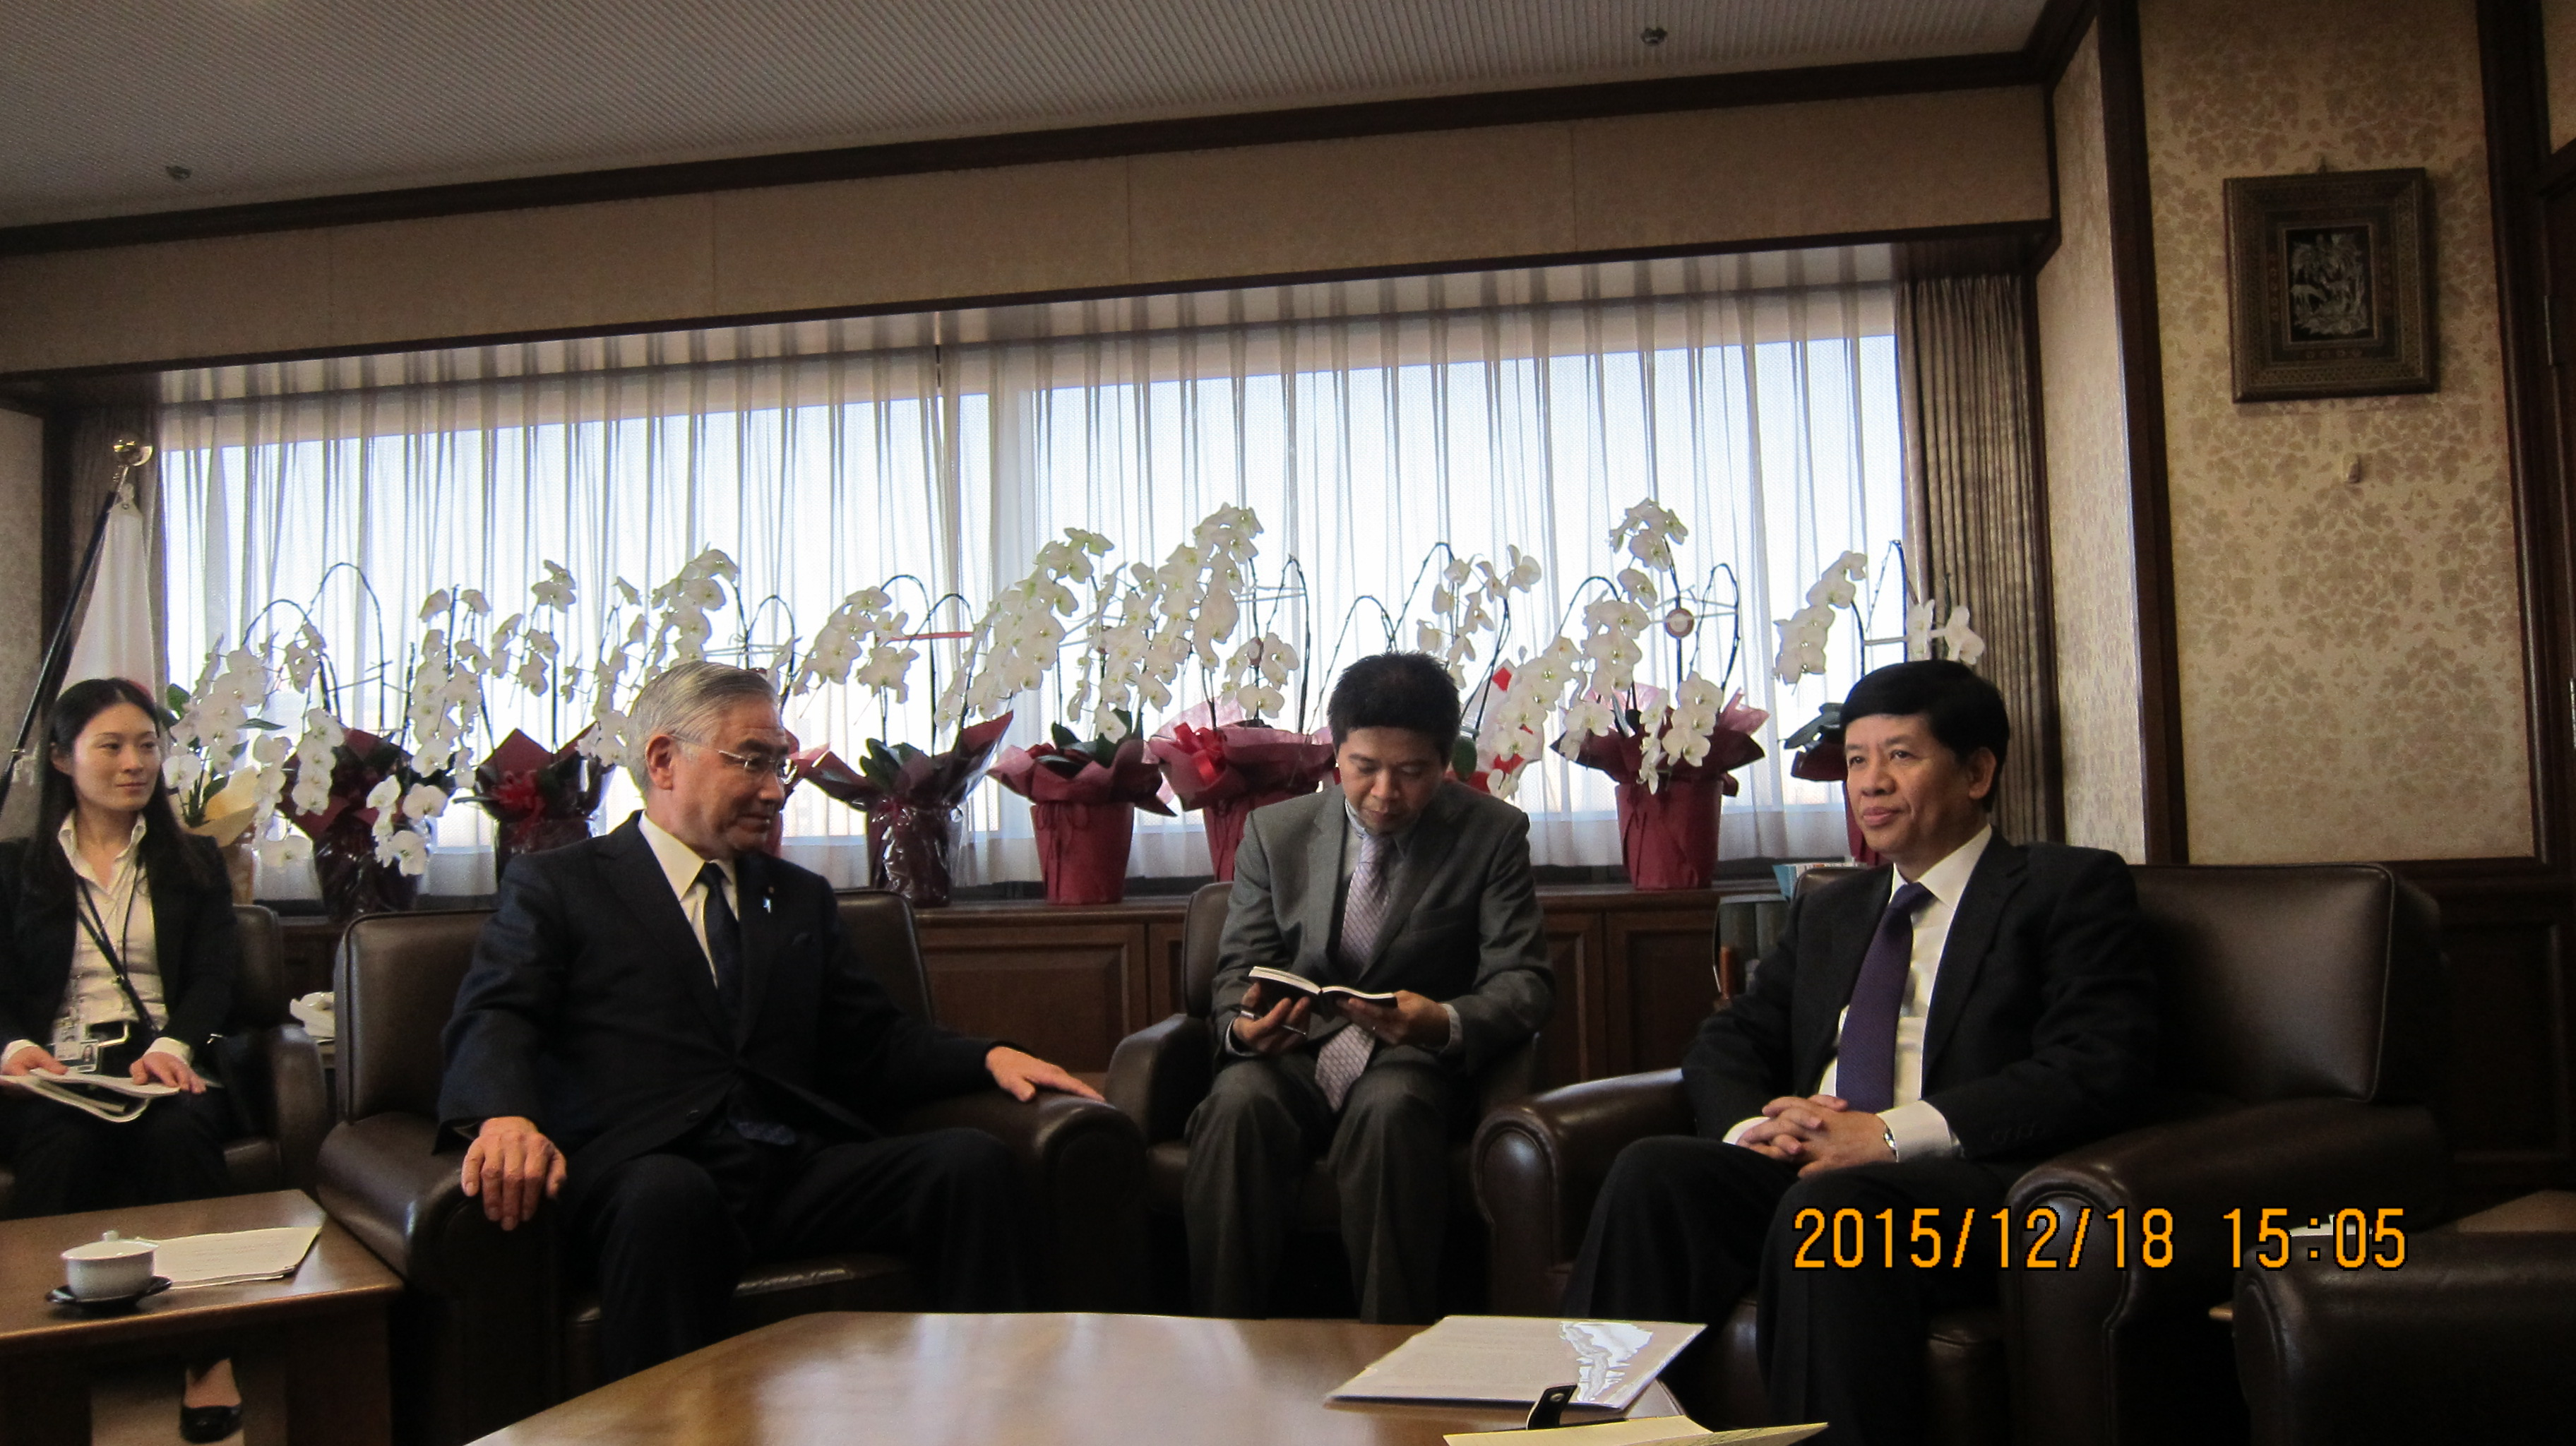 Tăng cường hợp tác về pháp luật và tư pháp Việt Nam - Nhật Bản